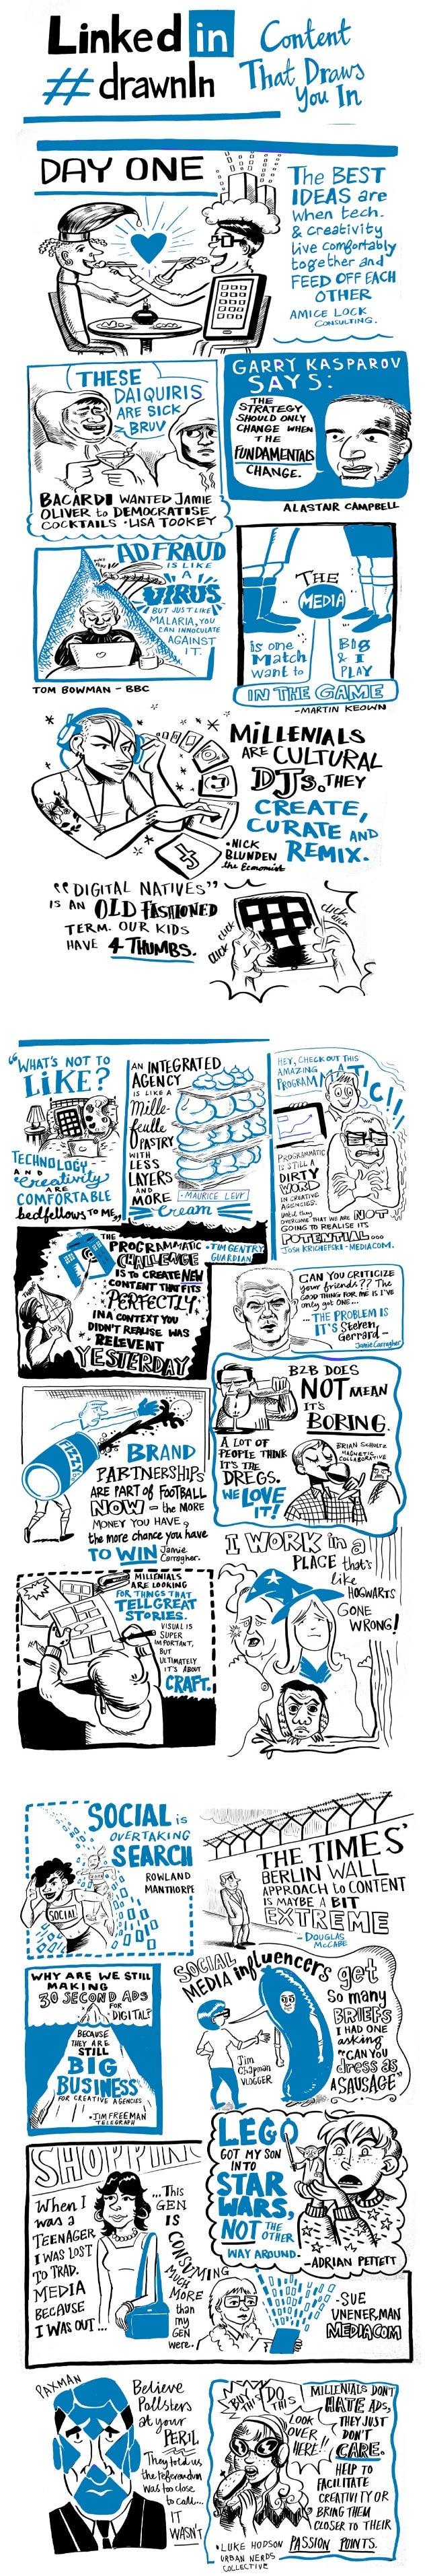 Advertising Week Europe 2015 #drawnIn Infographic